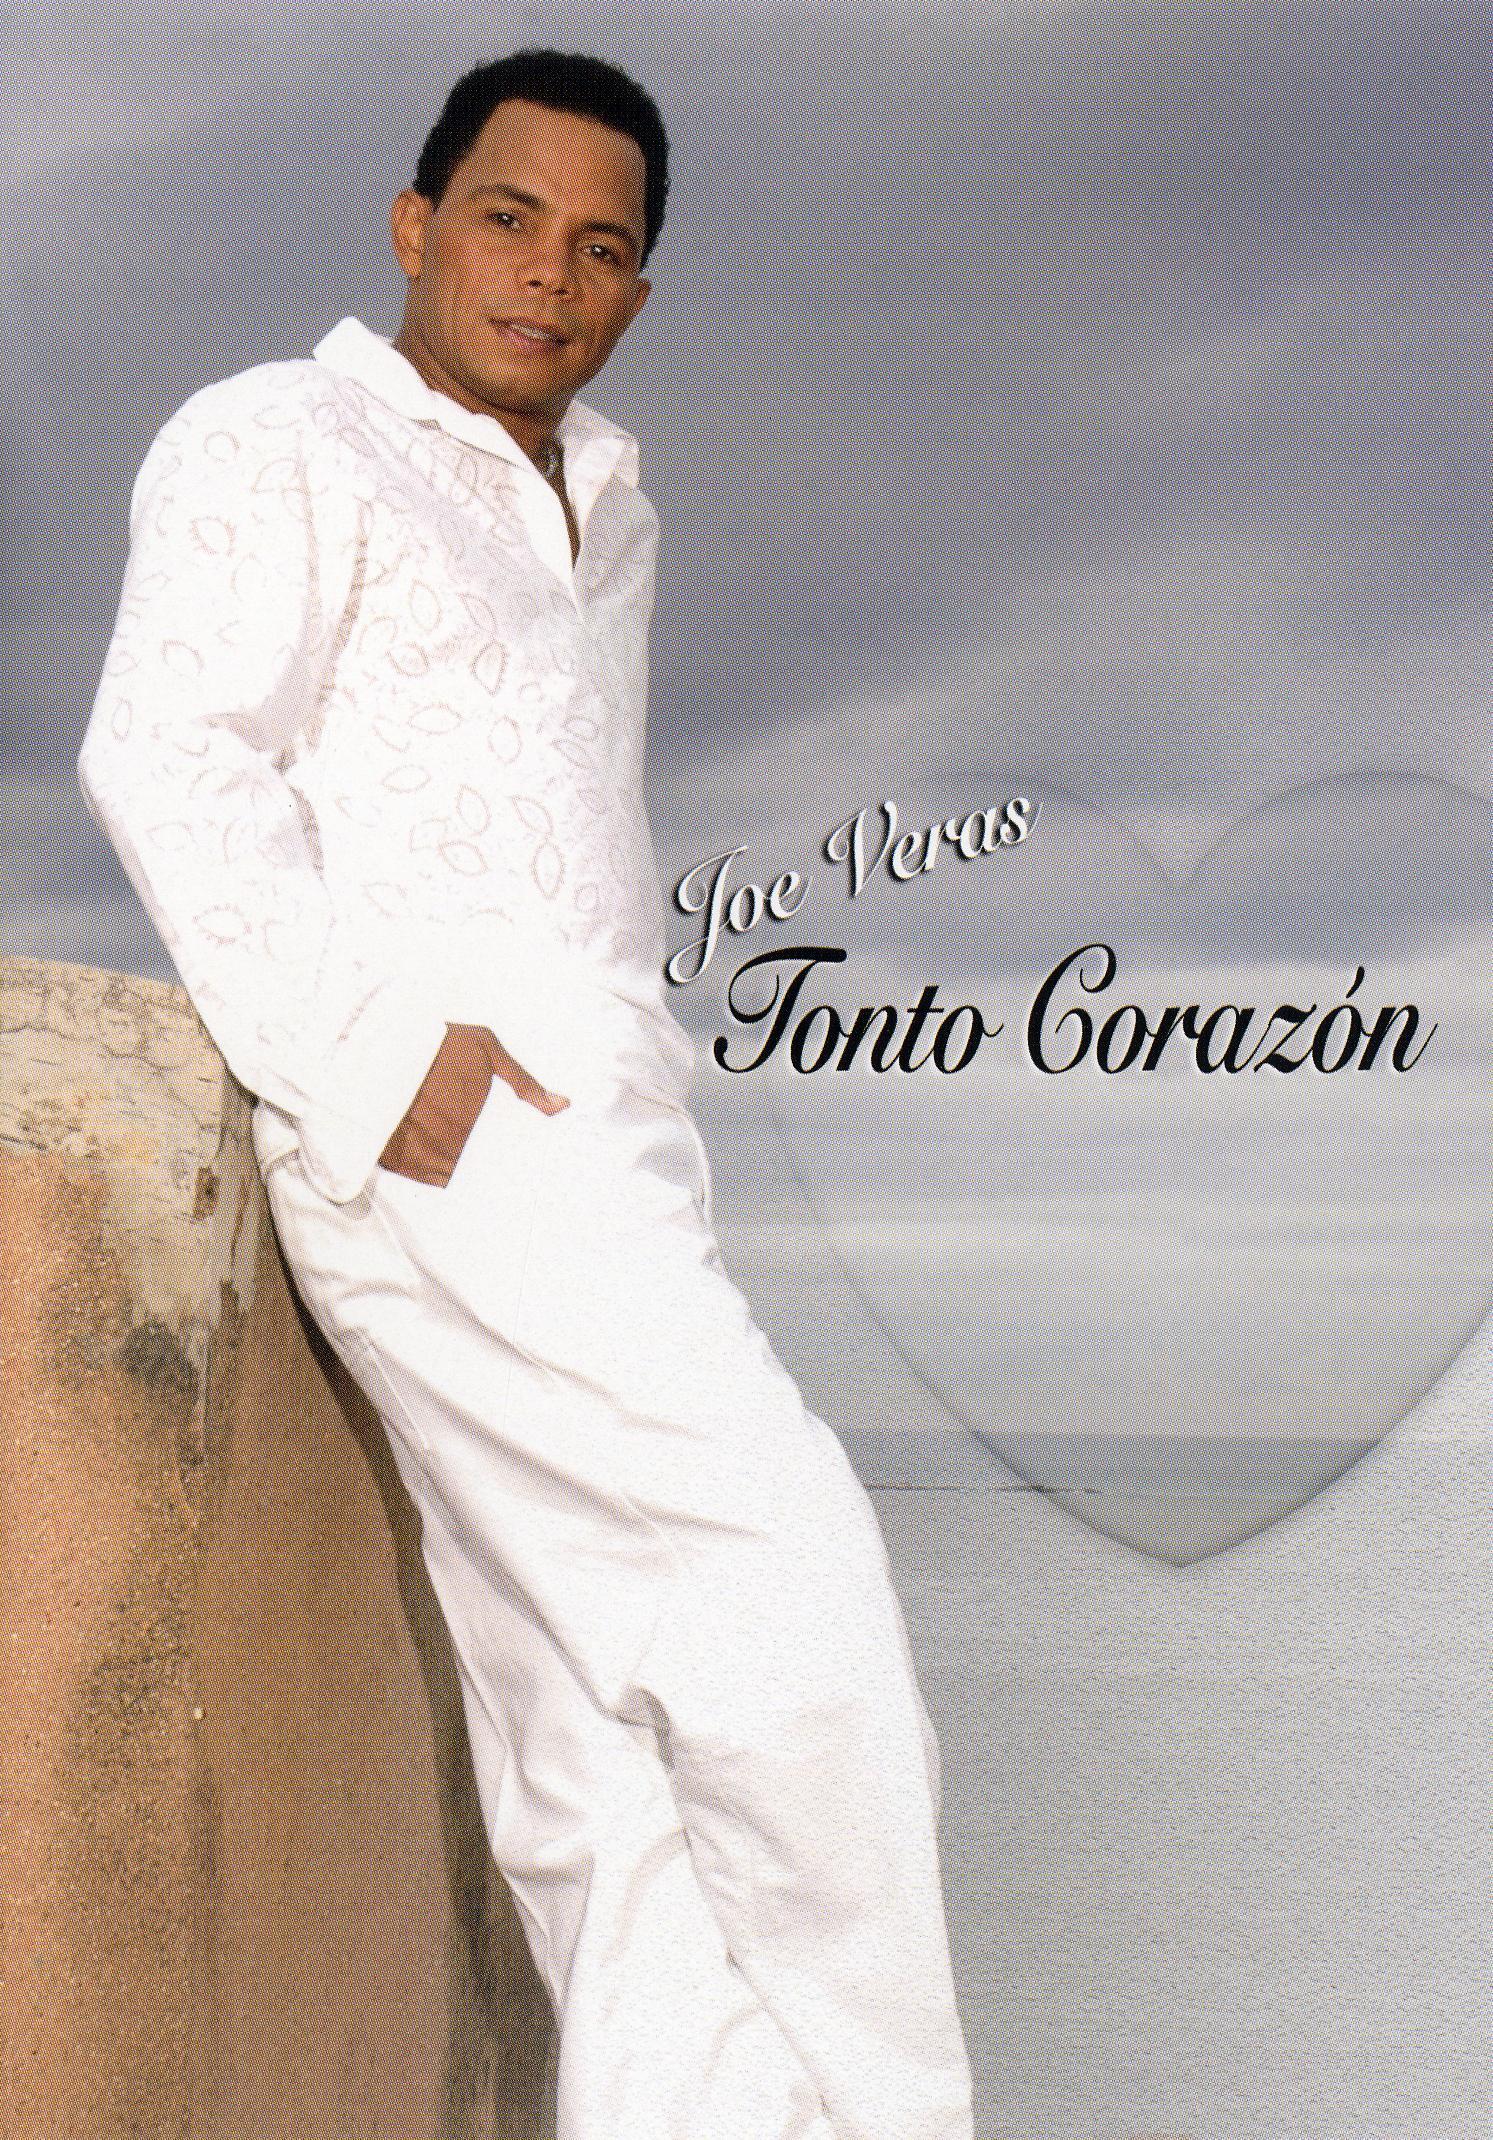 Joe Veras: Tonto Corazon